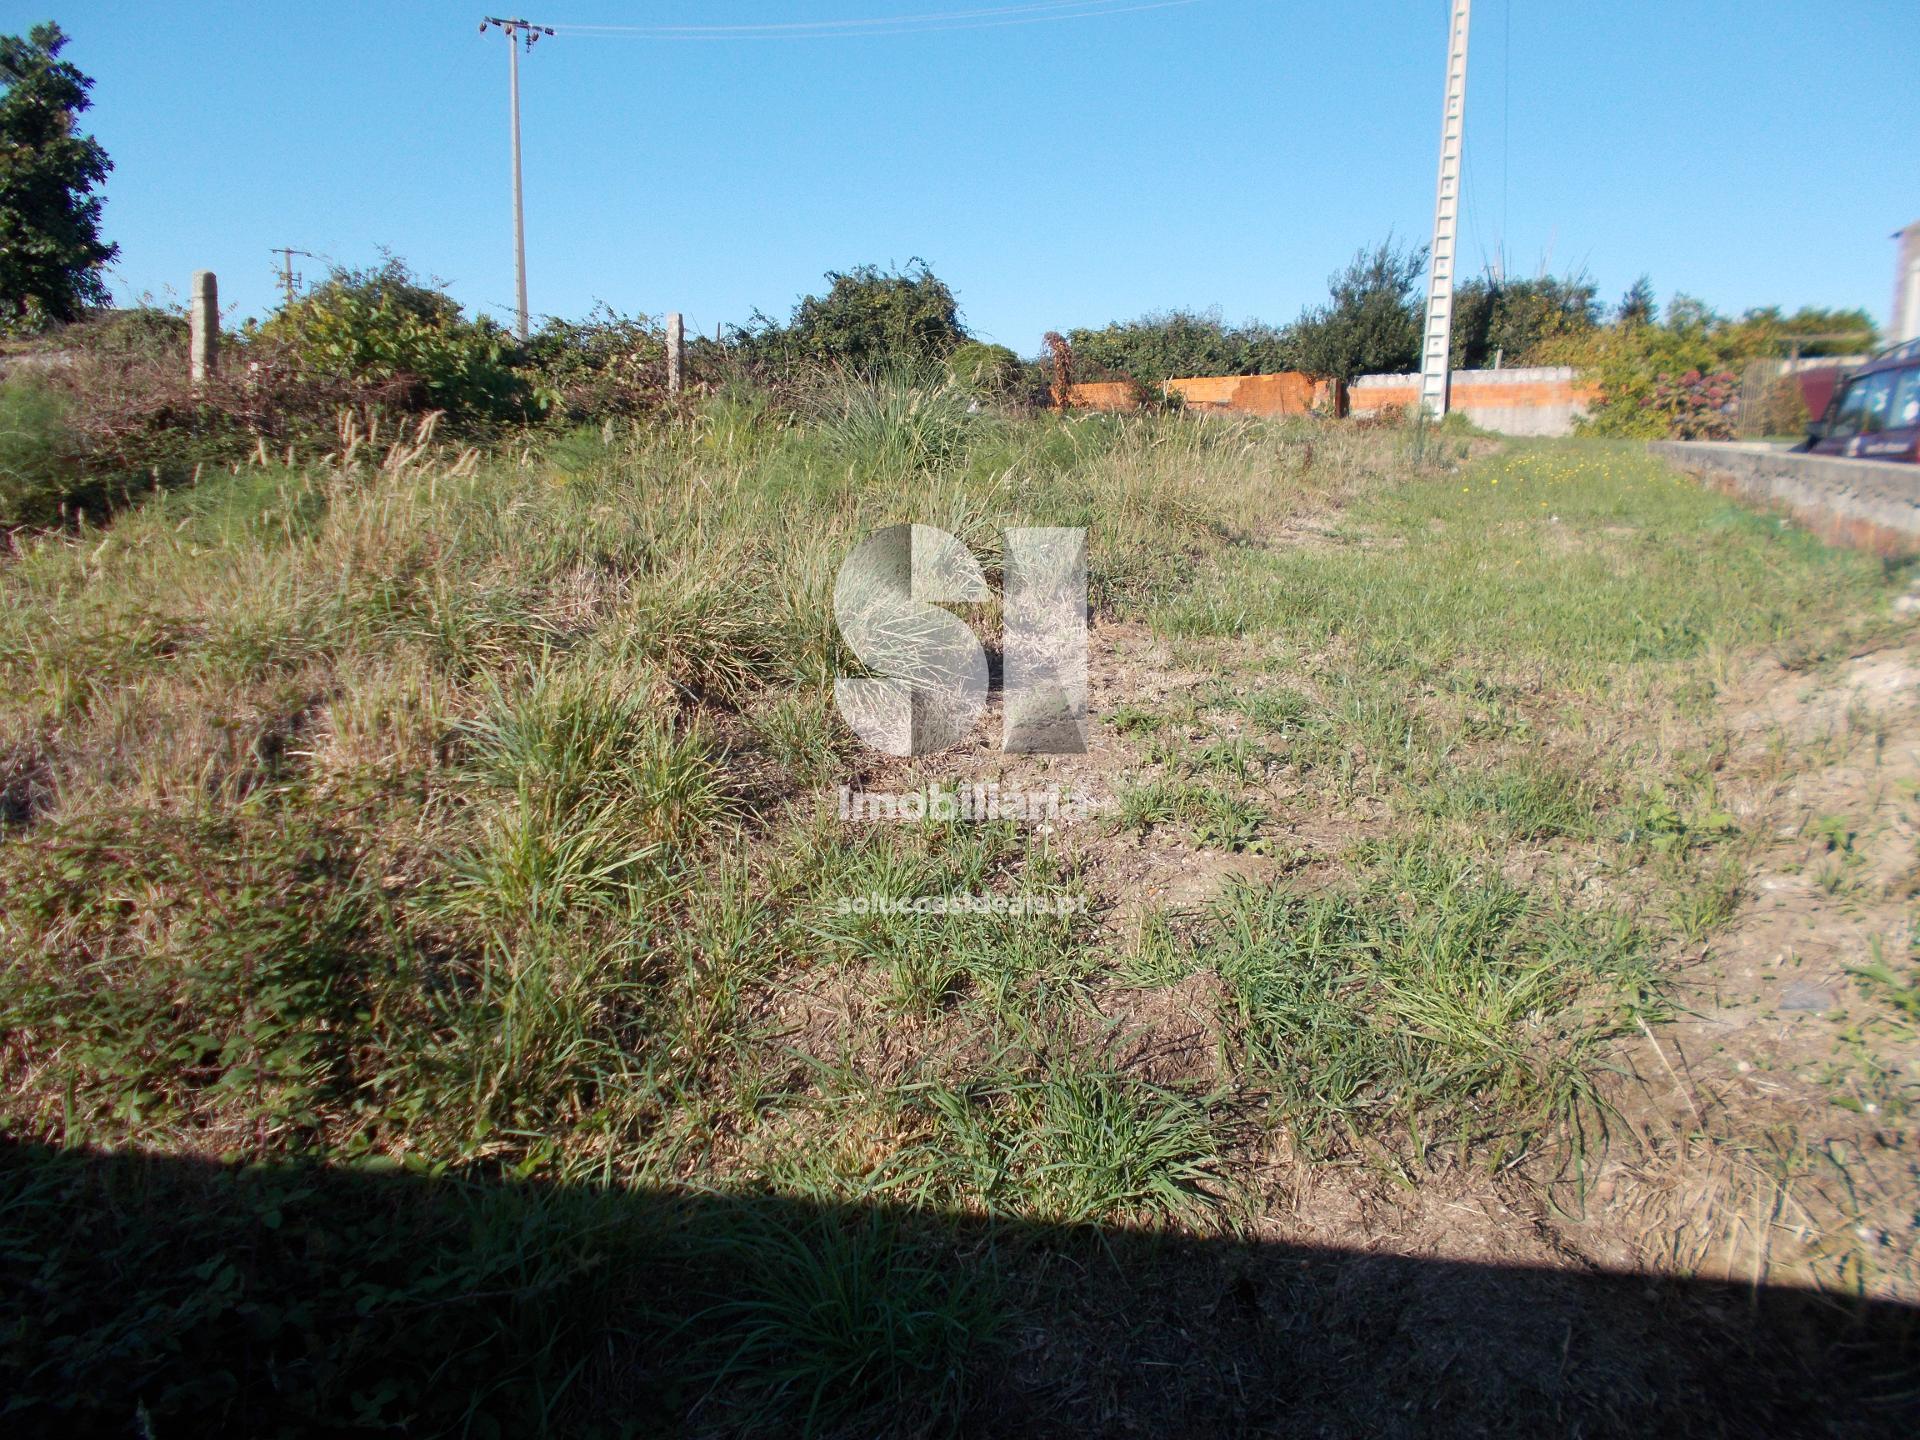 terreno para compra em aveiro oliveirinha aveiro AVGCL1873